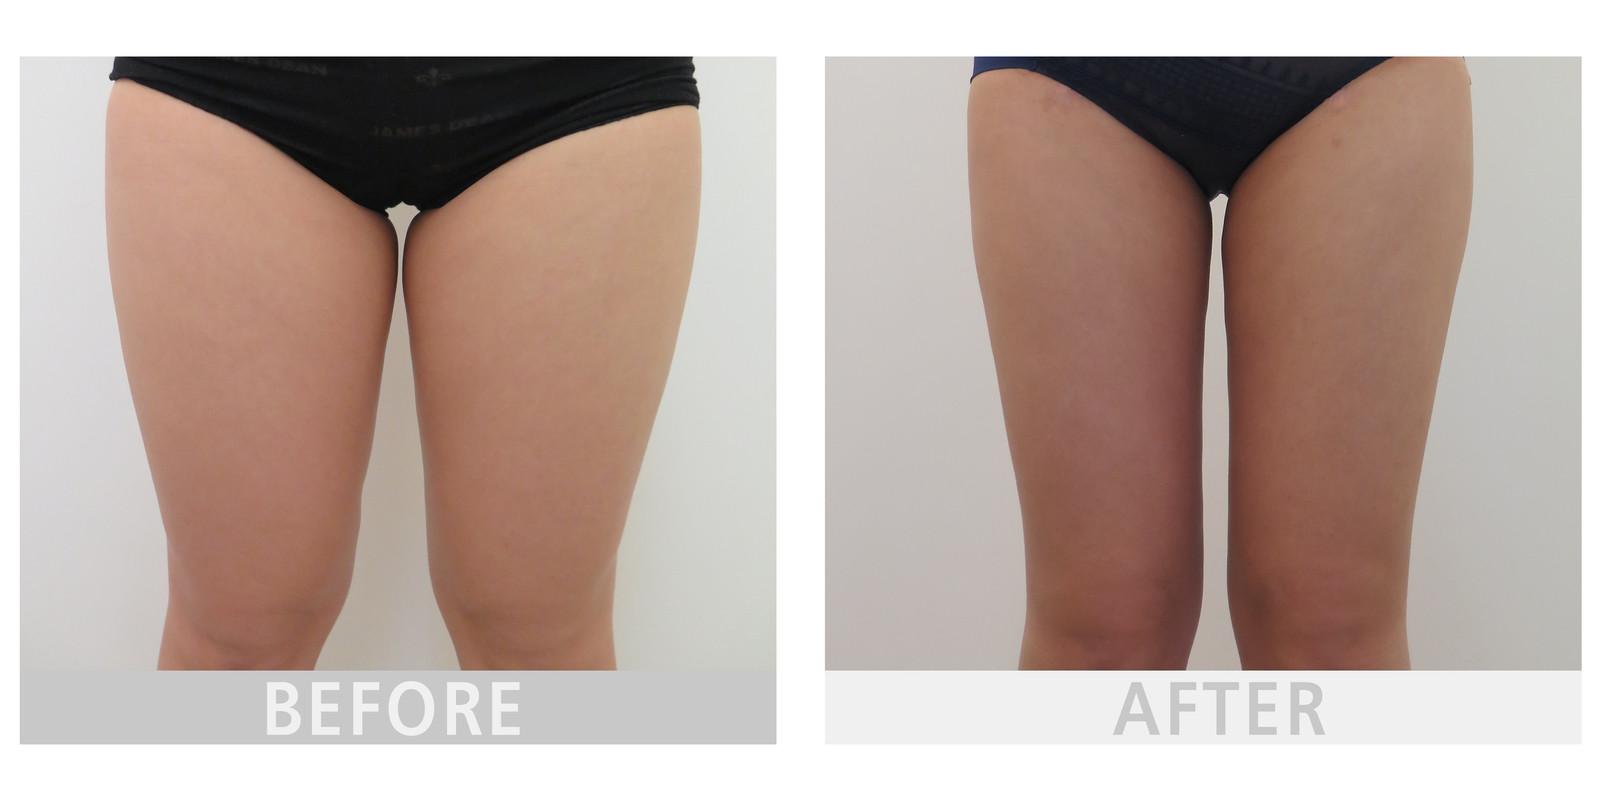 广州中科美美容整形做大腿吸脂需要多少钱